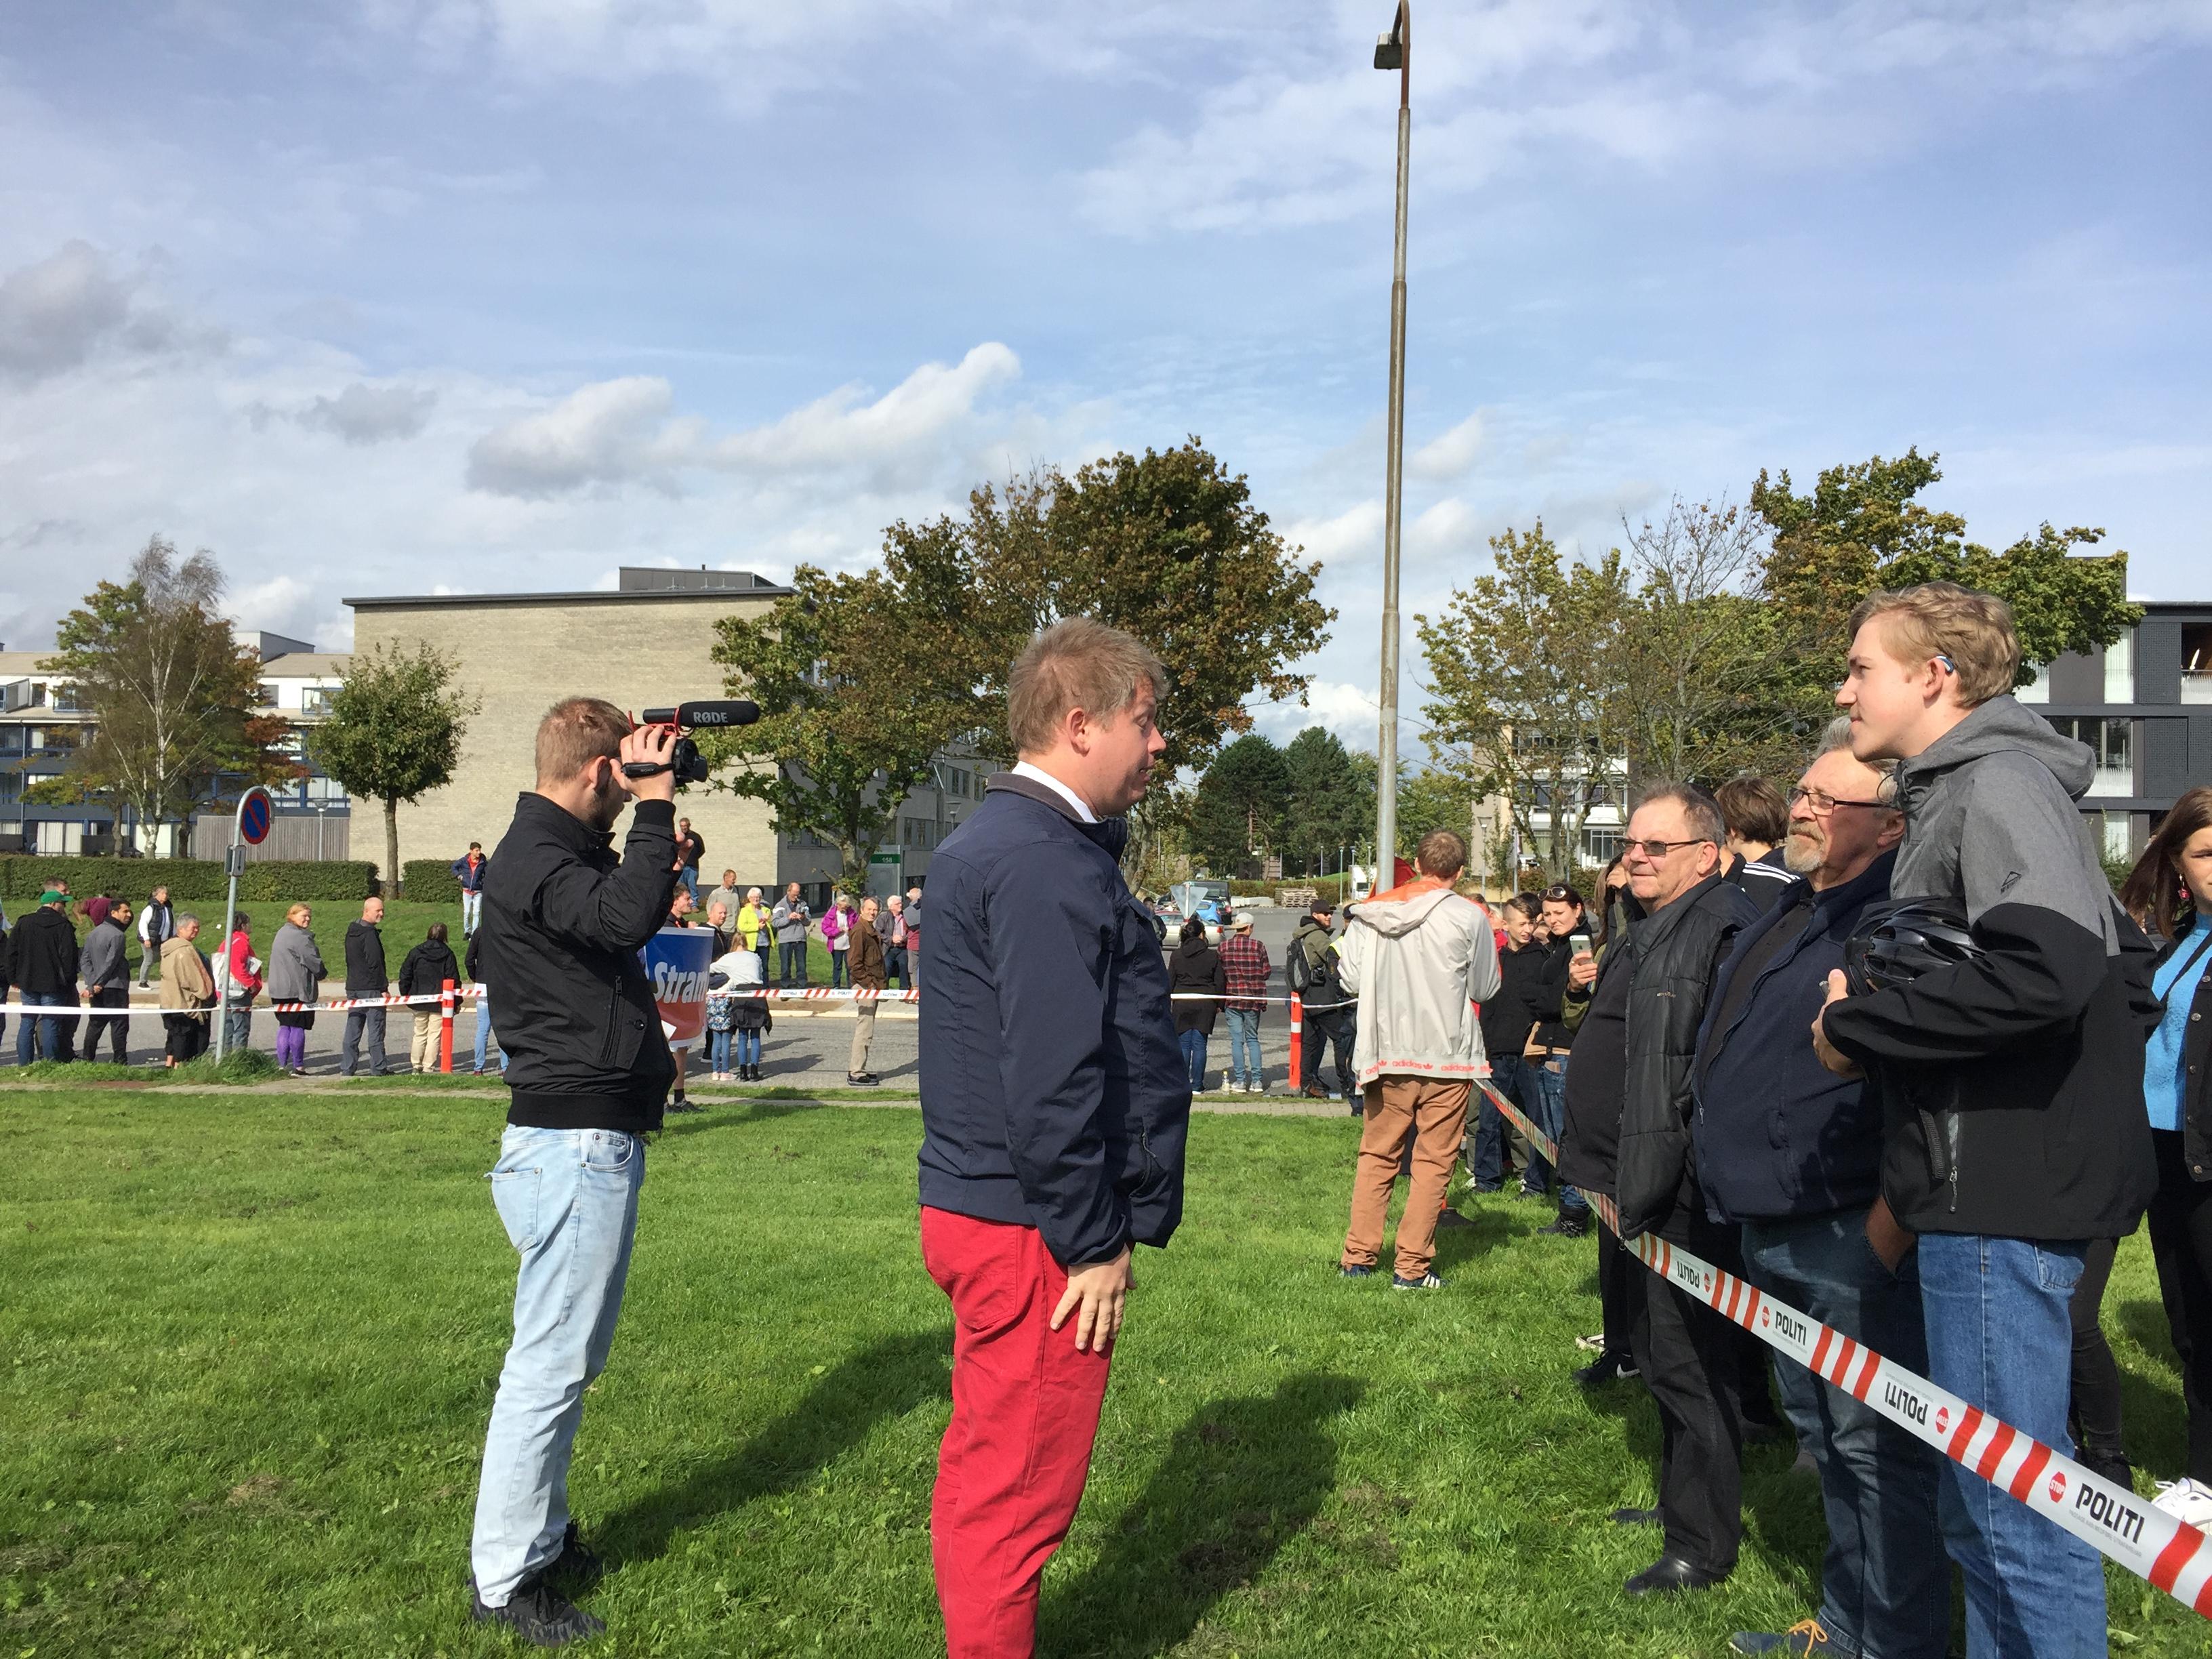 Den stærkt højreradikale Rasmus Paludan debattere netop nu i Fredericia